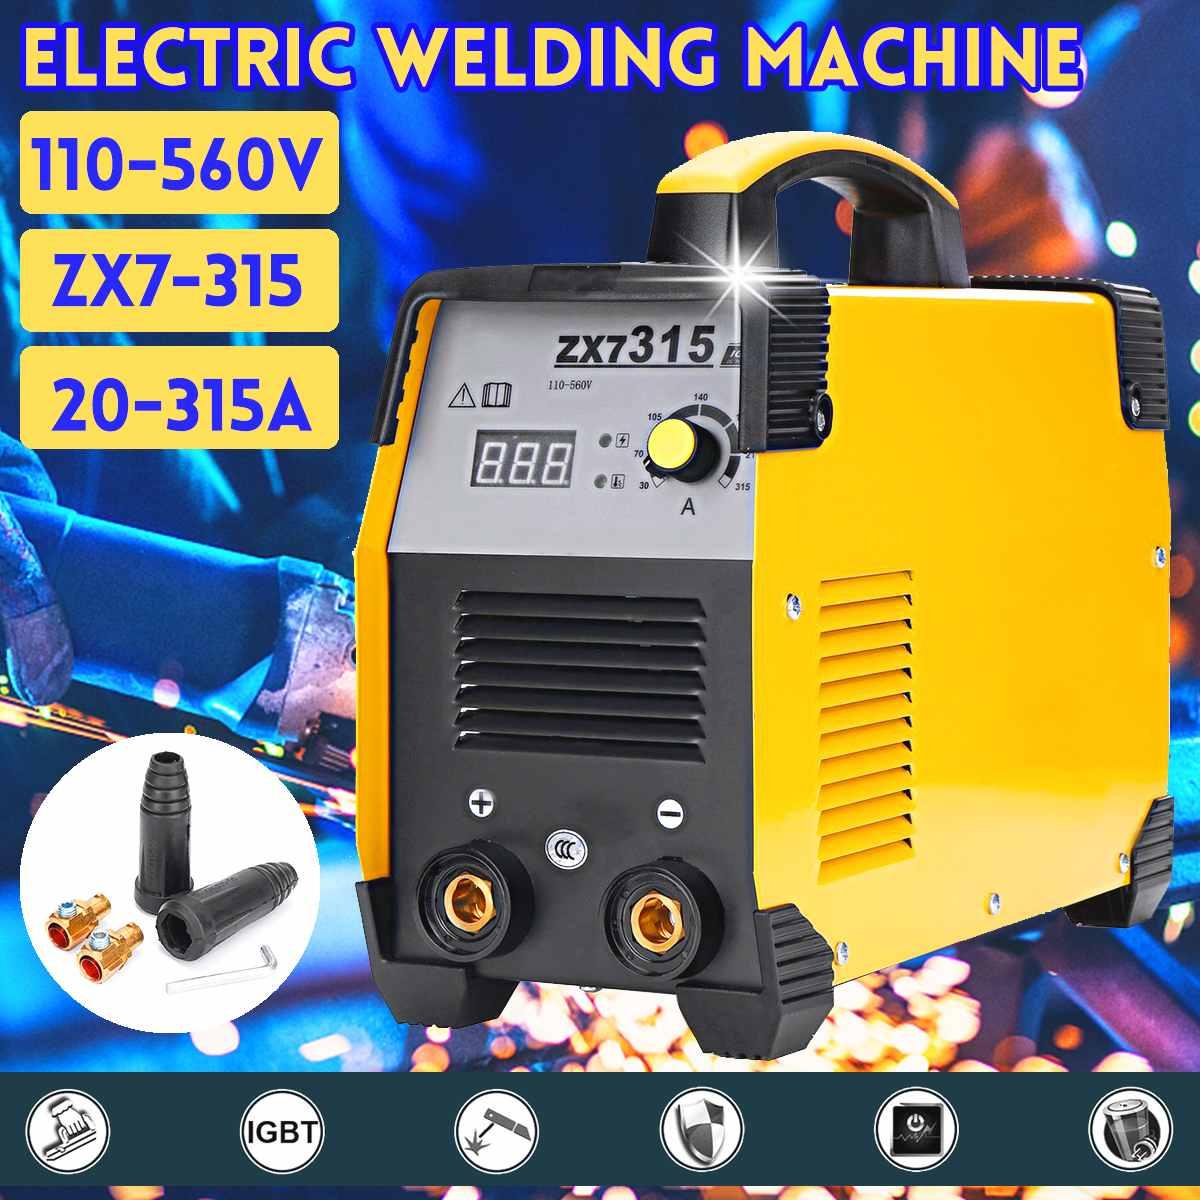 Neueste 20-315A Mini Handheld Elektrische Schweißen Maschine IGBT Inverter Arc Schweißen Hohe Effizienz Tragbare Maschine Power Tools